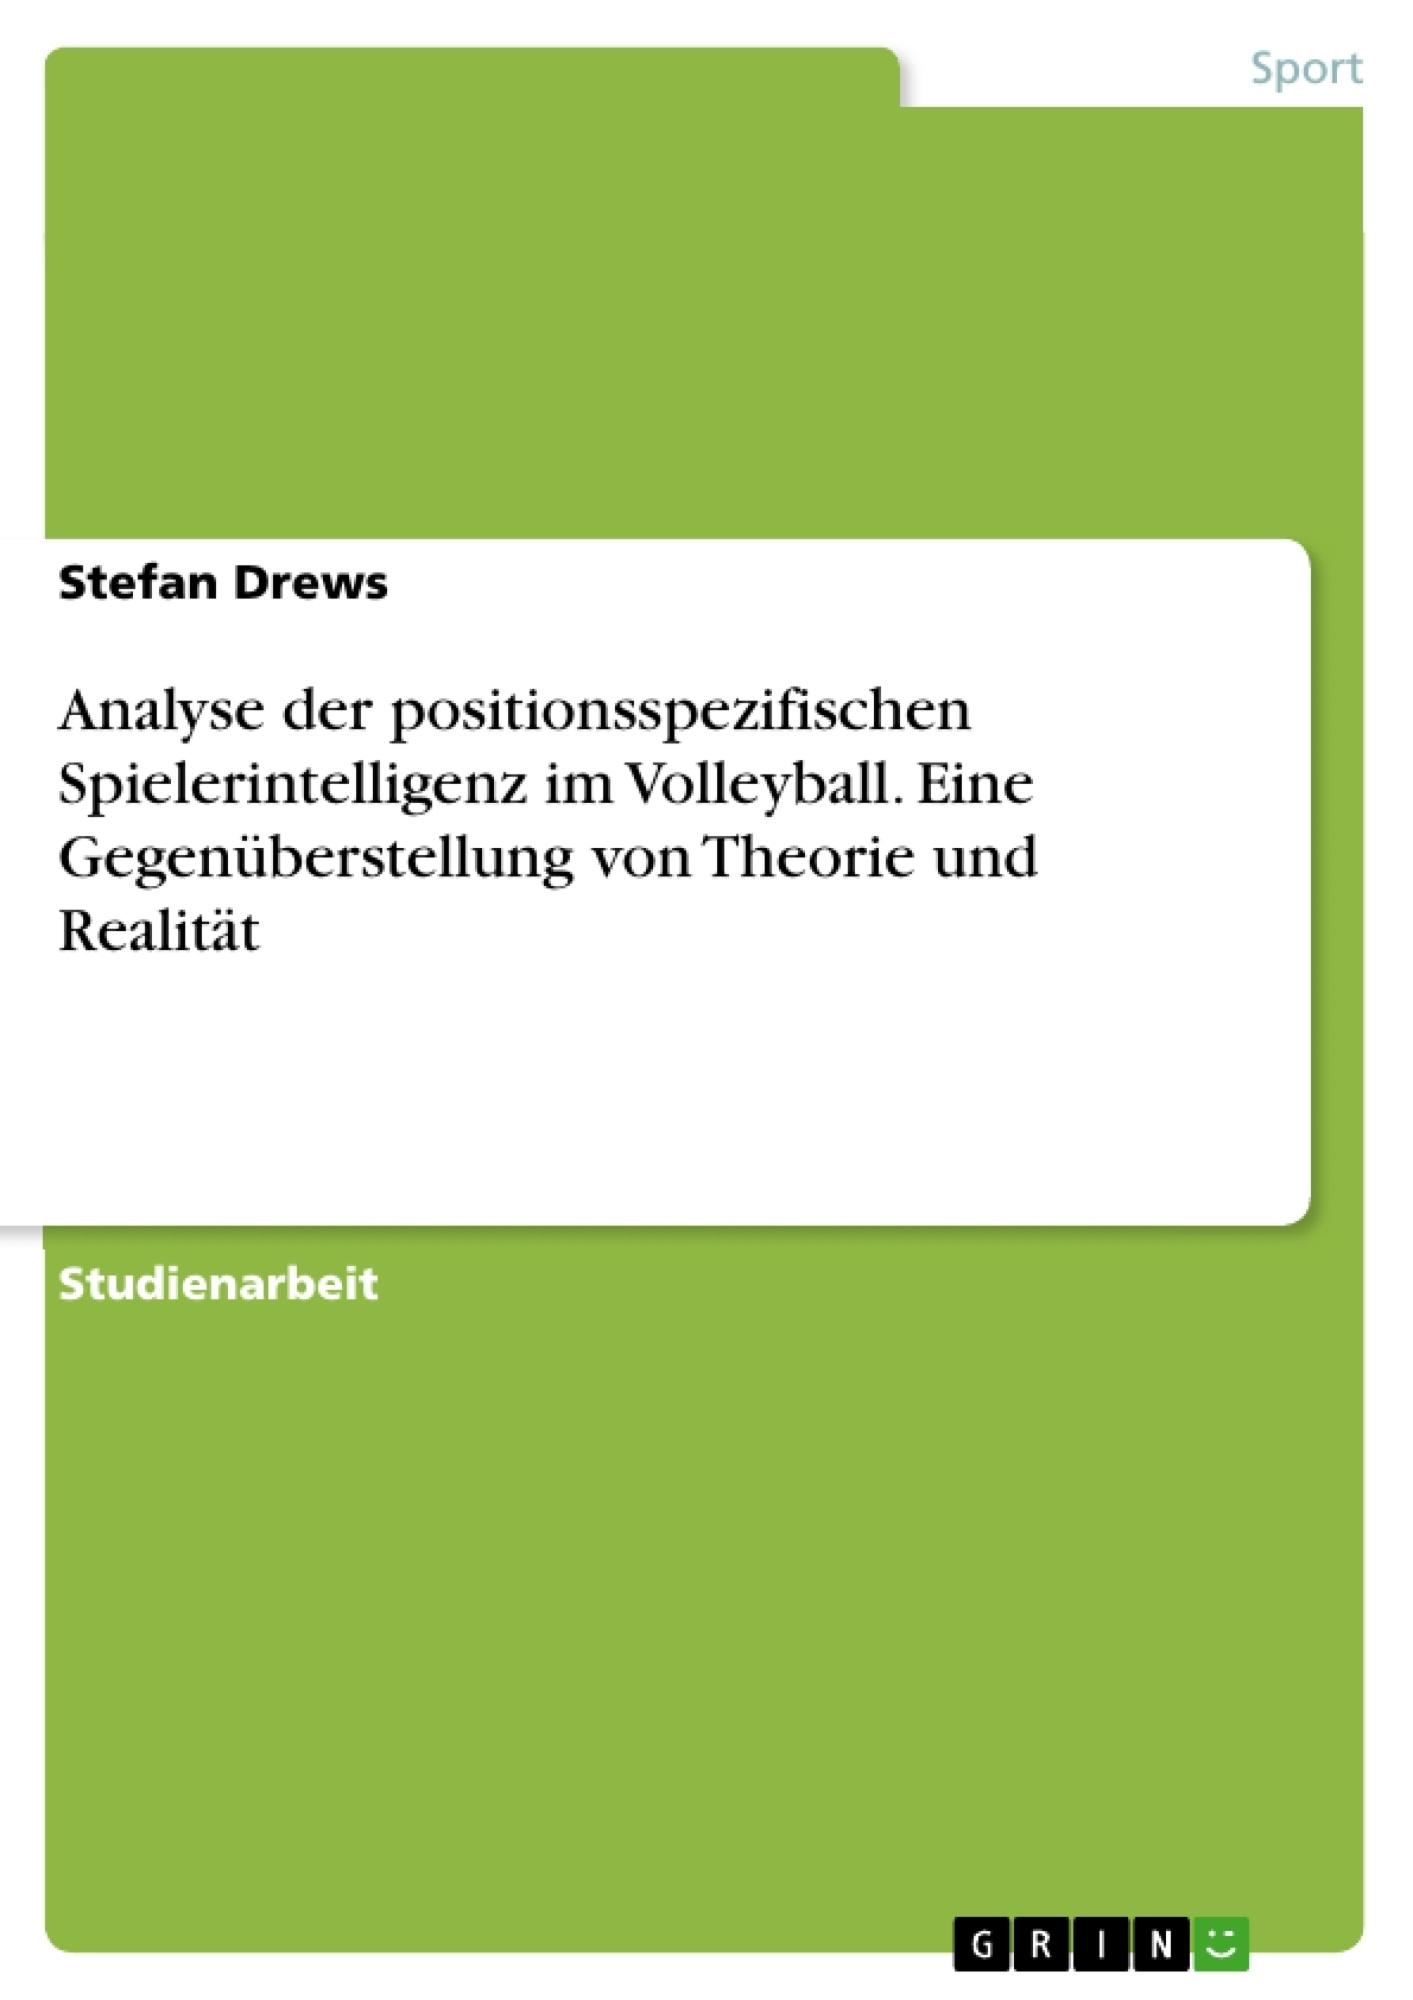 Titel: Analyse der positionsspezifischen Spielerintelligenz im Volleyball. Eine Gegenüberstellung von Theorie und Realität